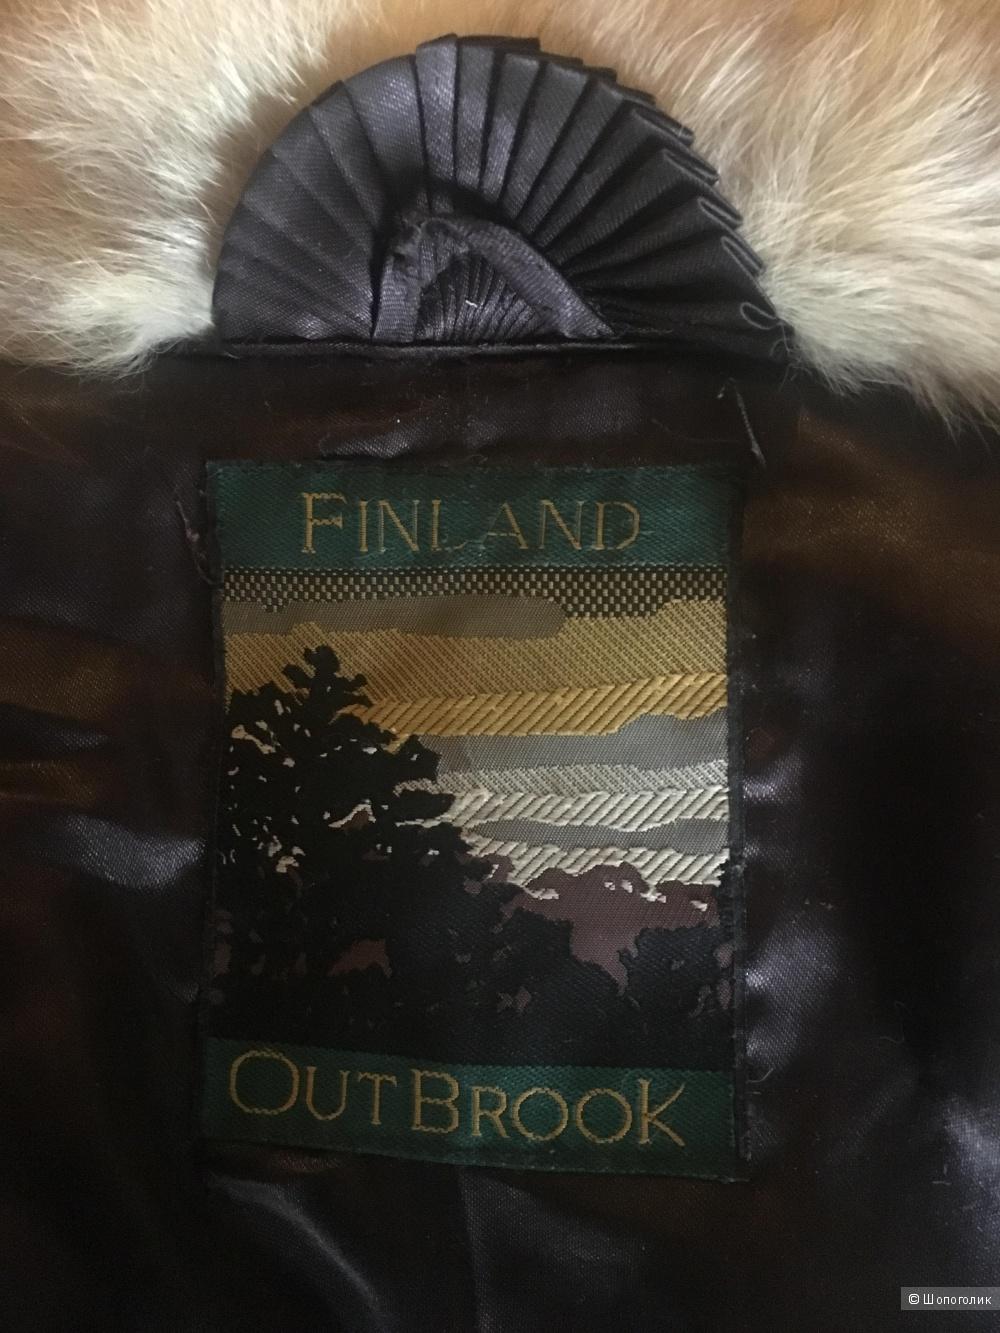 Шубка из натурального меха Finland Out Brook, 40-42